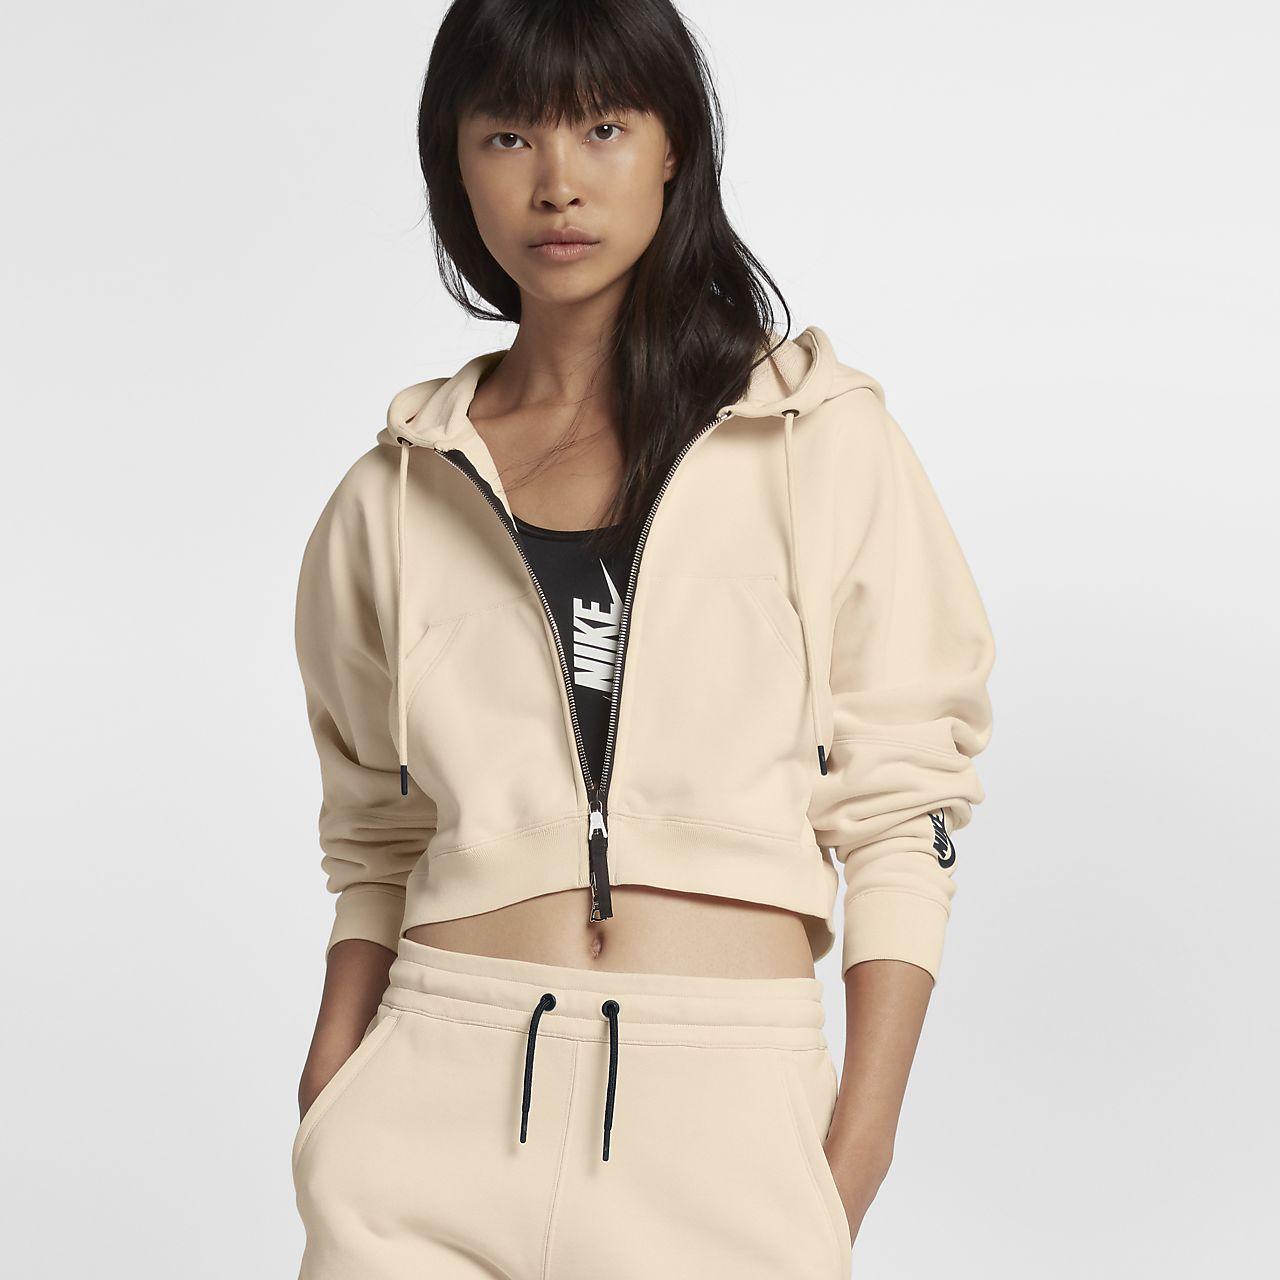 เสื้อมีฮู้ดผู้หญิง NikeLab Collection